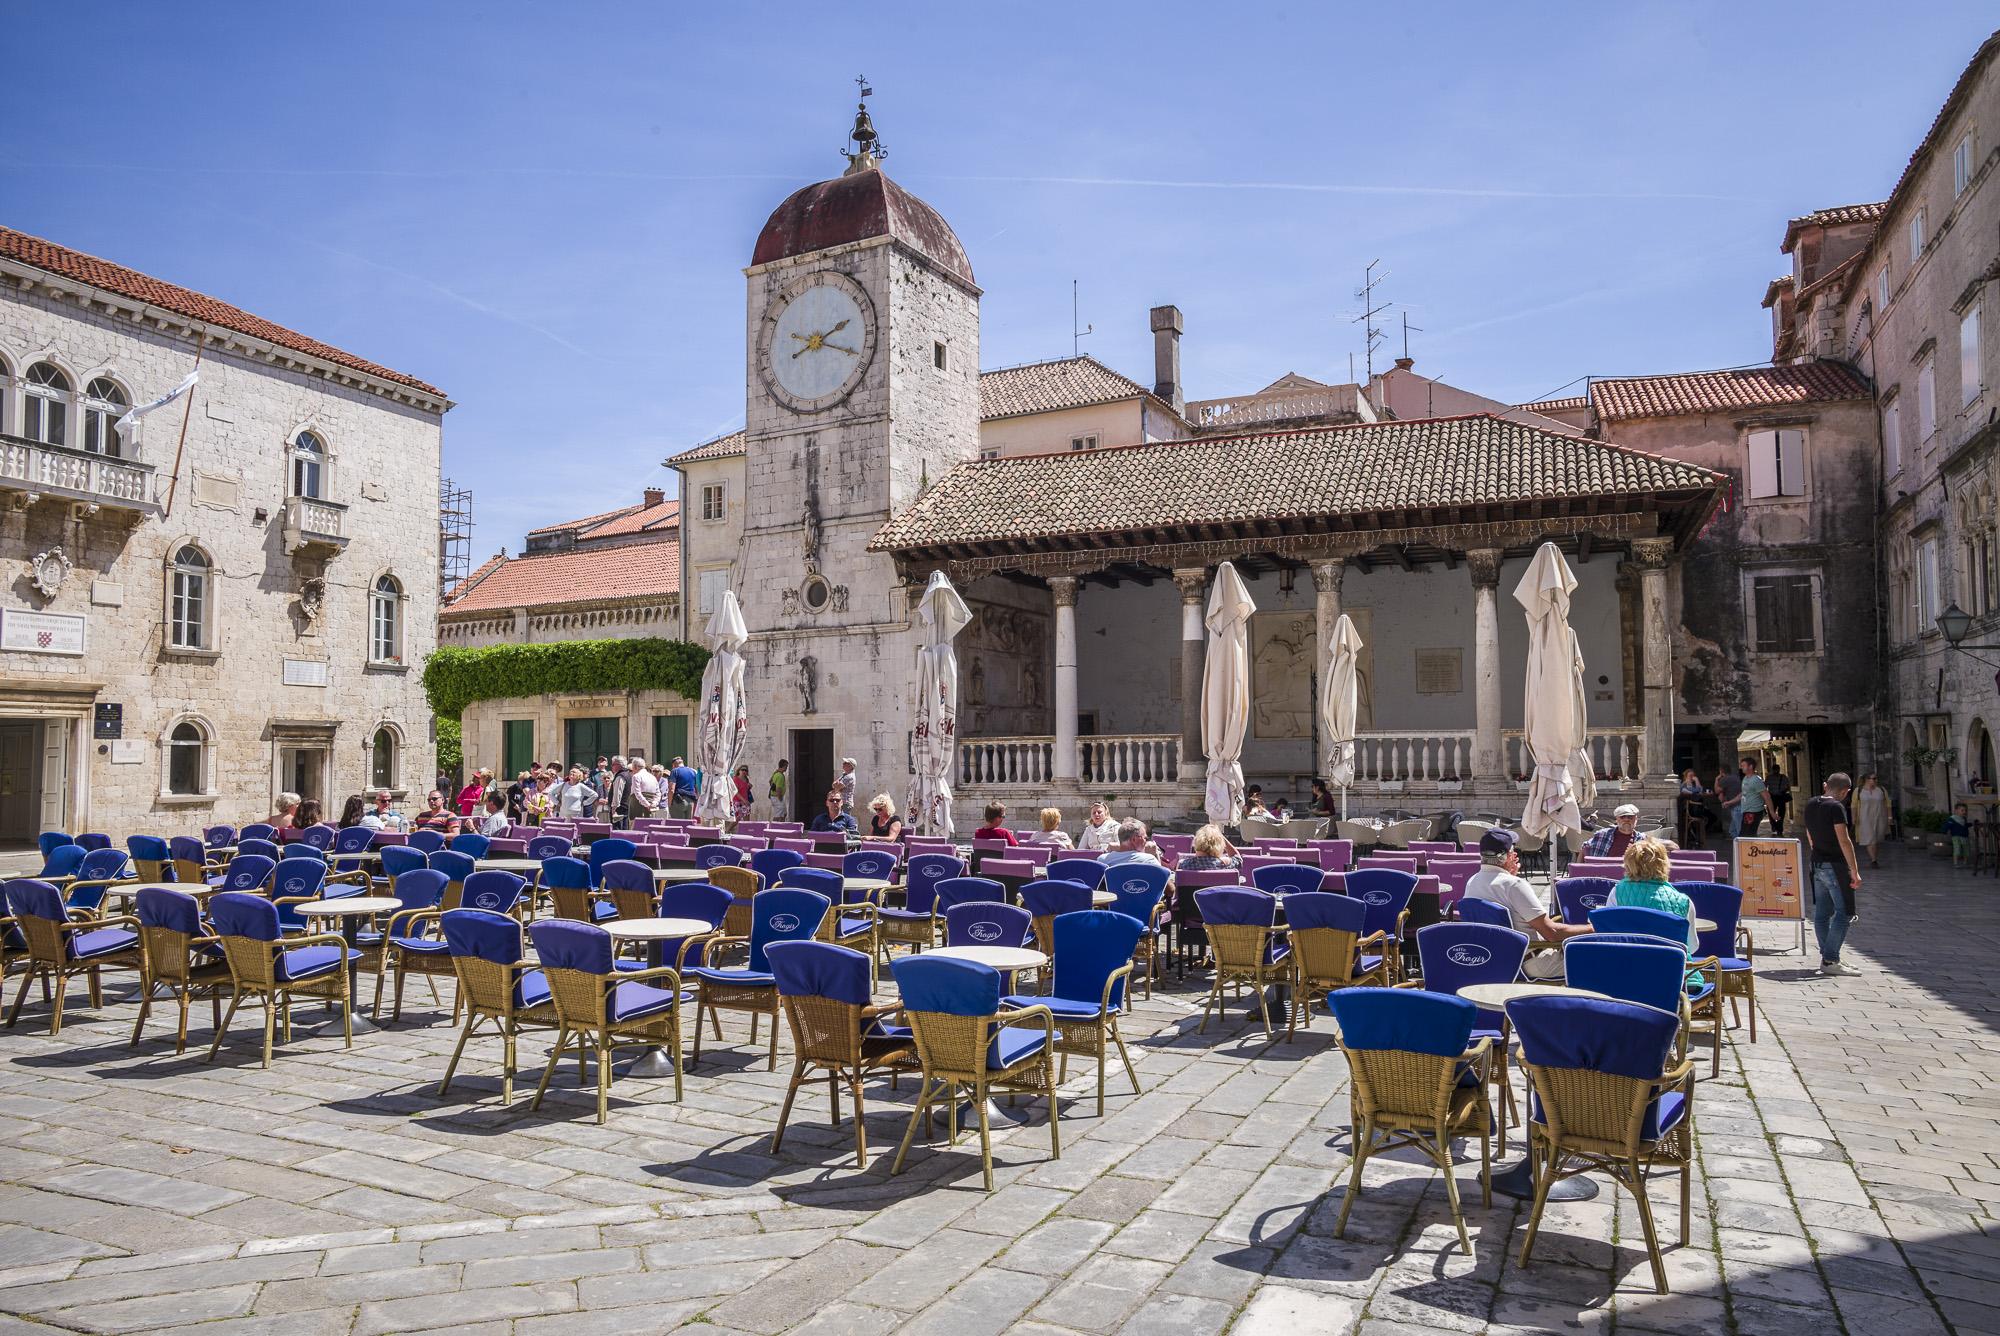 Public Square at Trogir